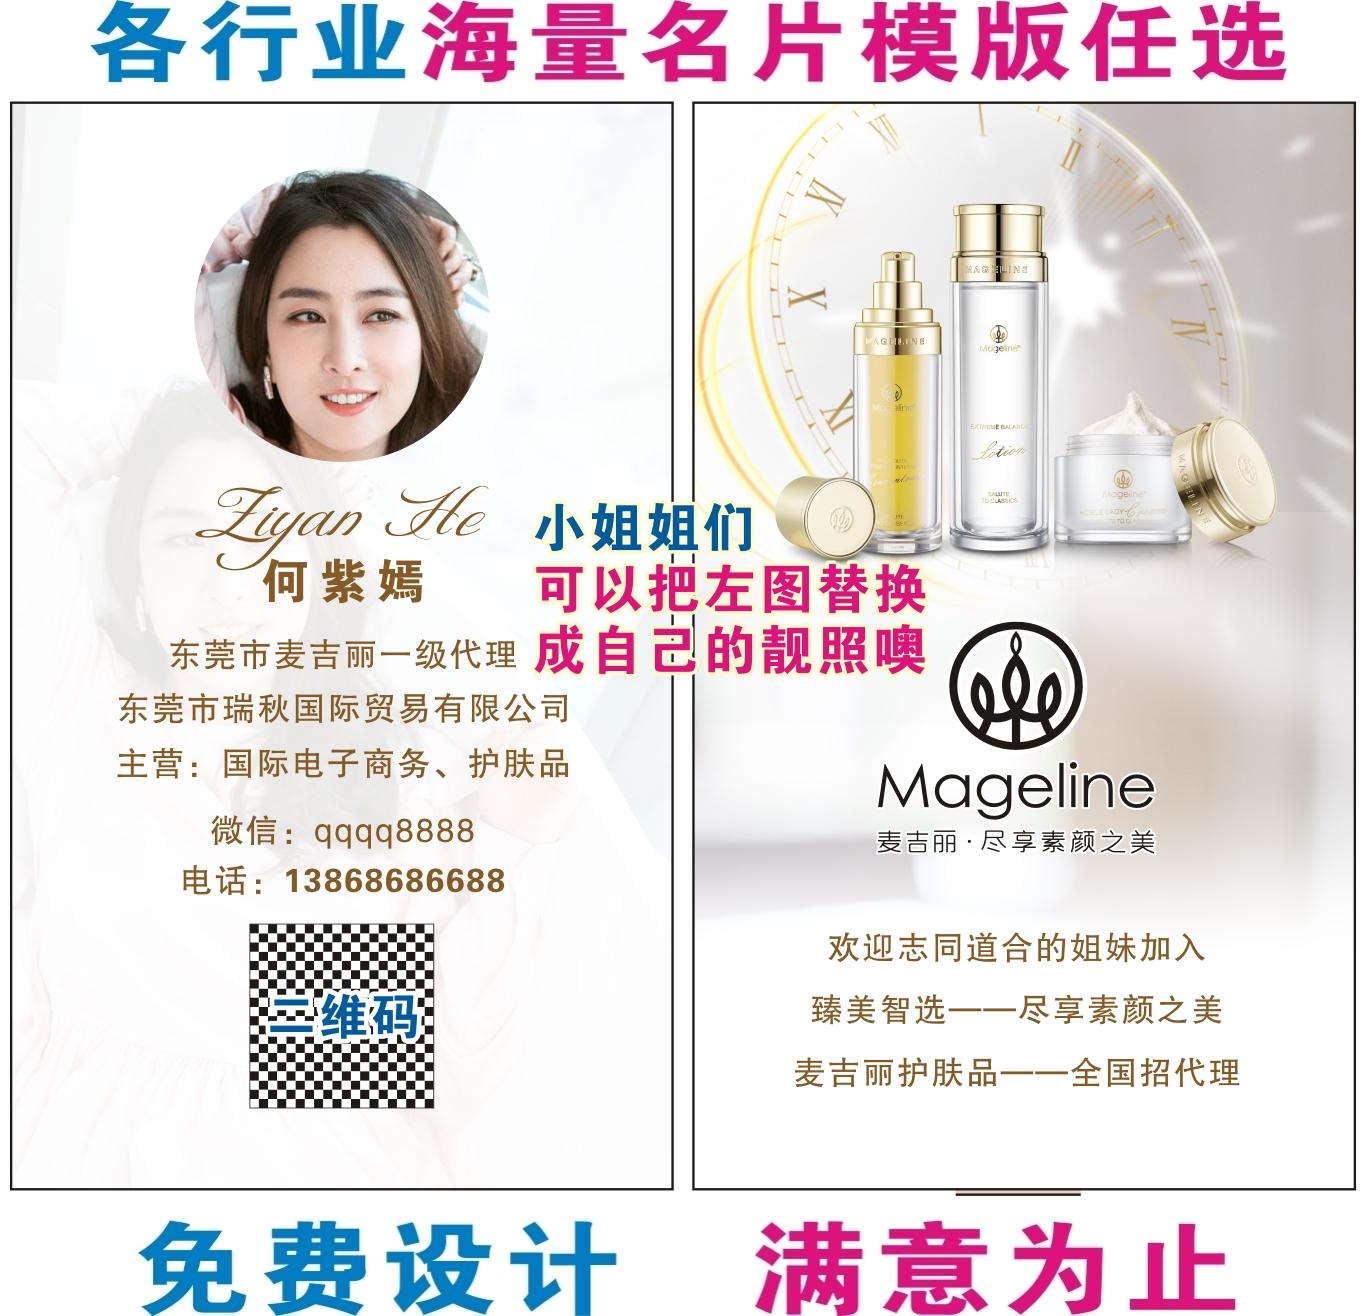 麦吉丽护肤品化妆品微商卡片印名片免费设计印刷制作模版249